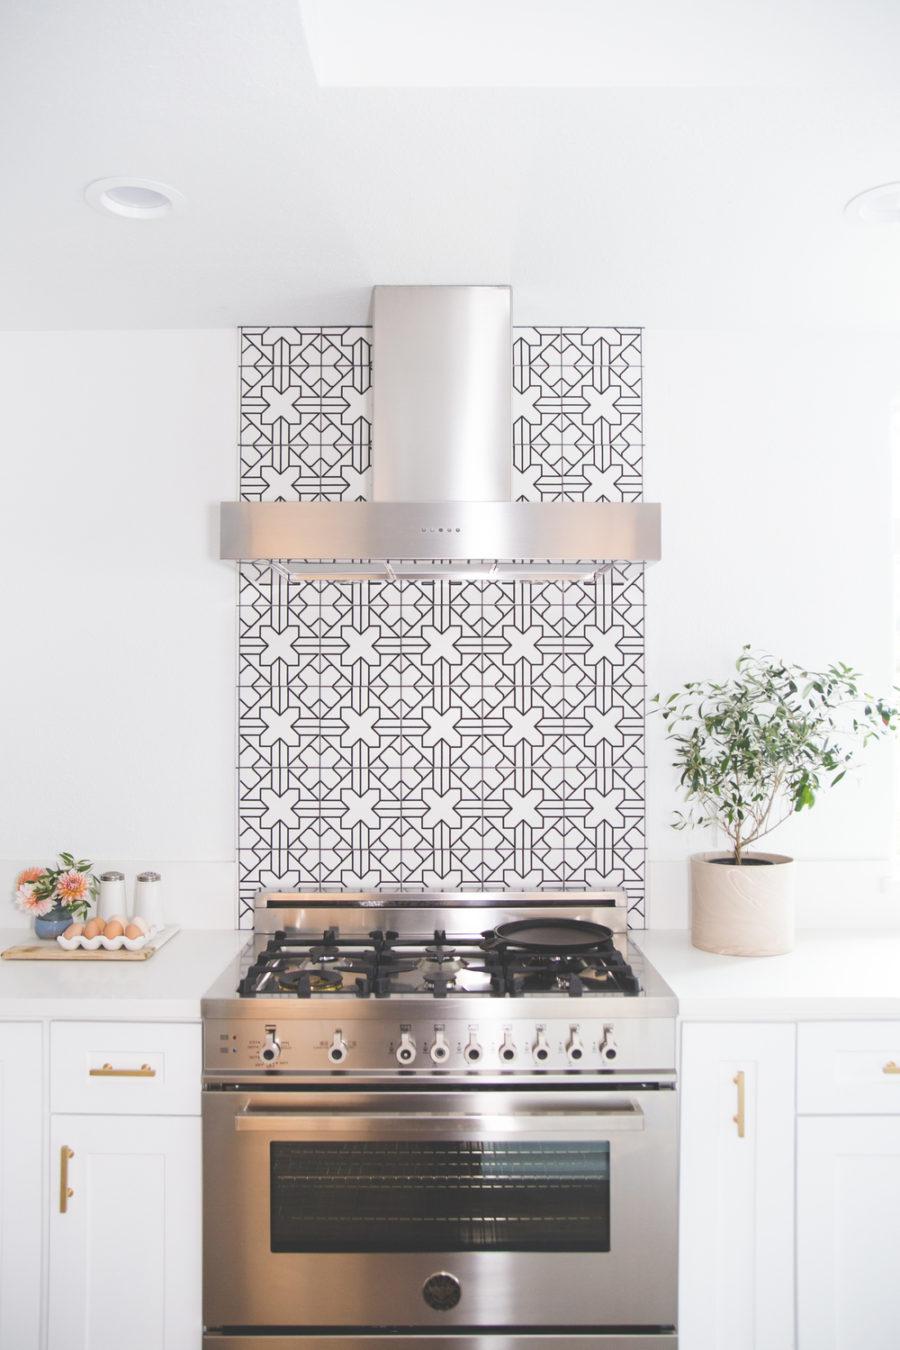 Fantastisch Küchenfliese Aufkantung Bilder Bilder - Ideen Für Die ...